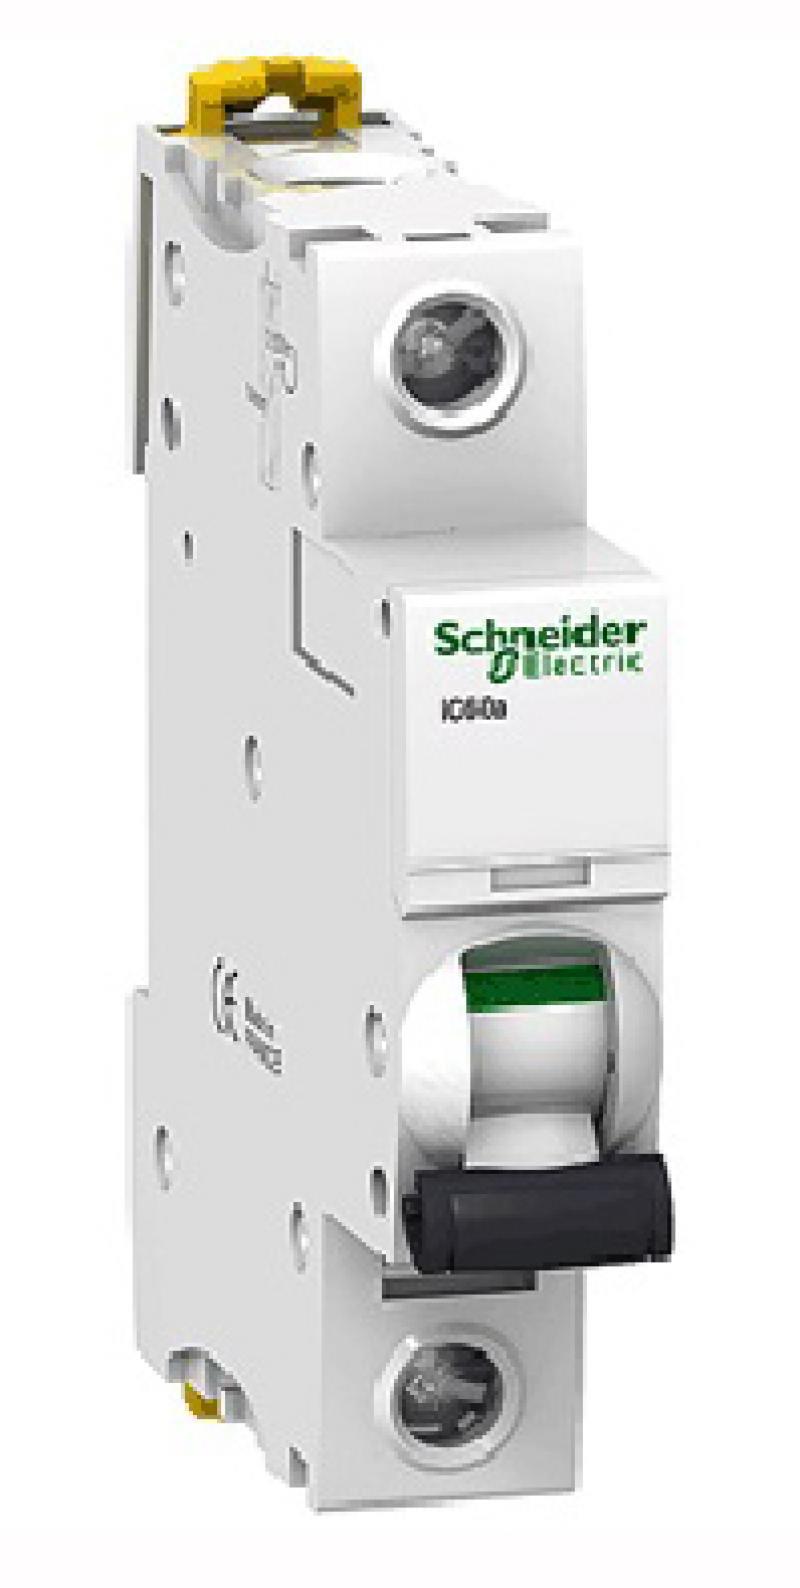 Автоматический выключатель Schneider Electric iC60N 1П 40A C A9F79140 автоматический выключатель schneider electric ic60n 1п 50a c a9f79150